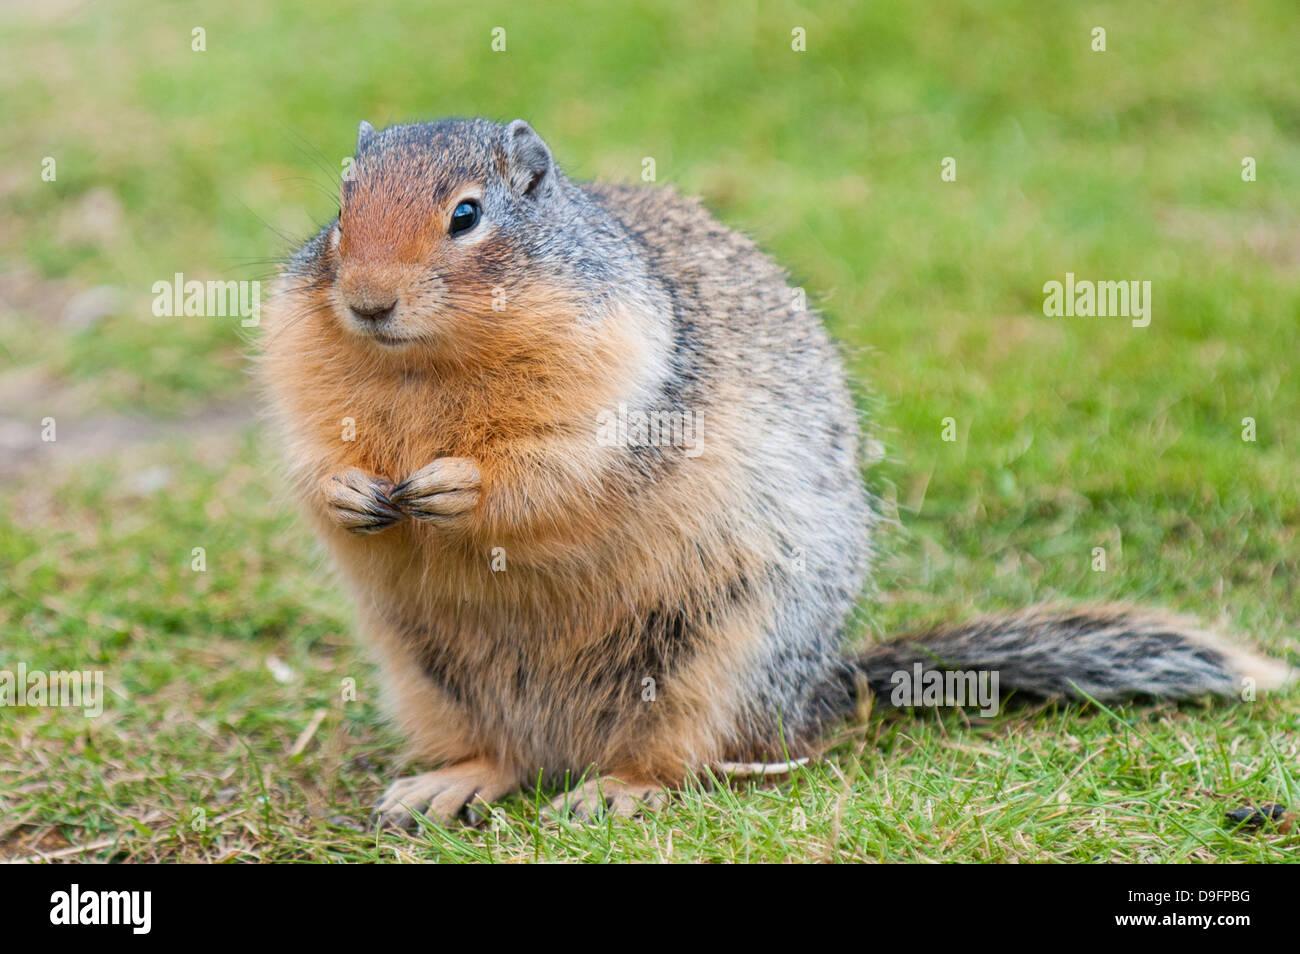 Columbian ground squirrel (Spermophilus columbianus), Barkersville, British Columbia, Canada Stock Photo